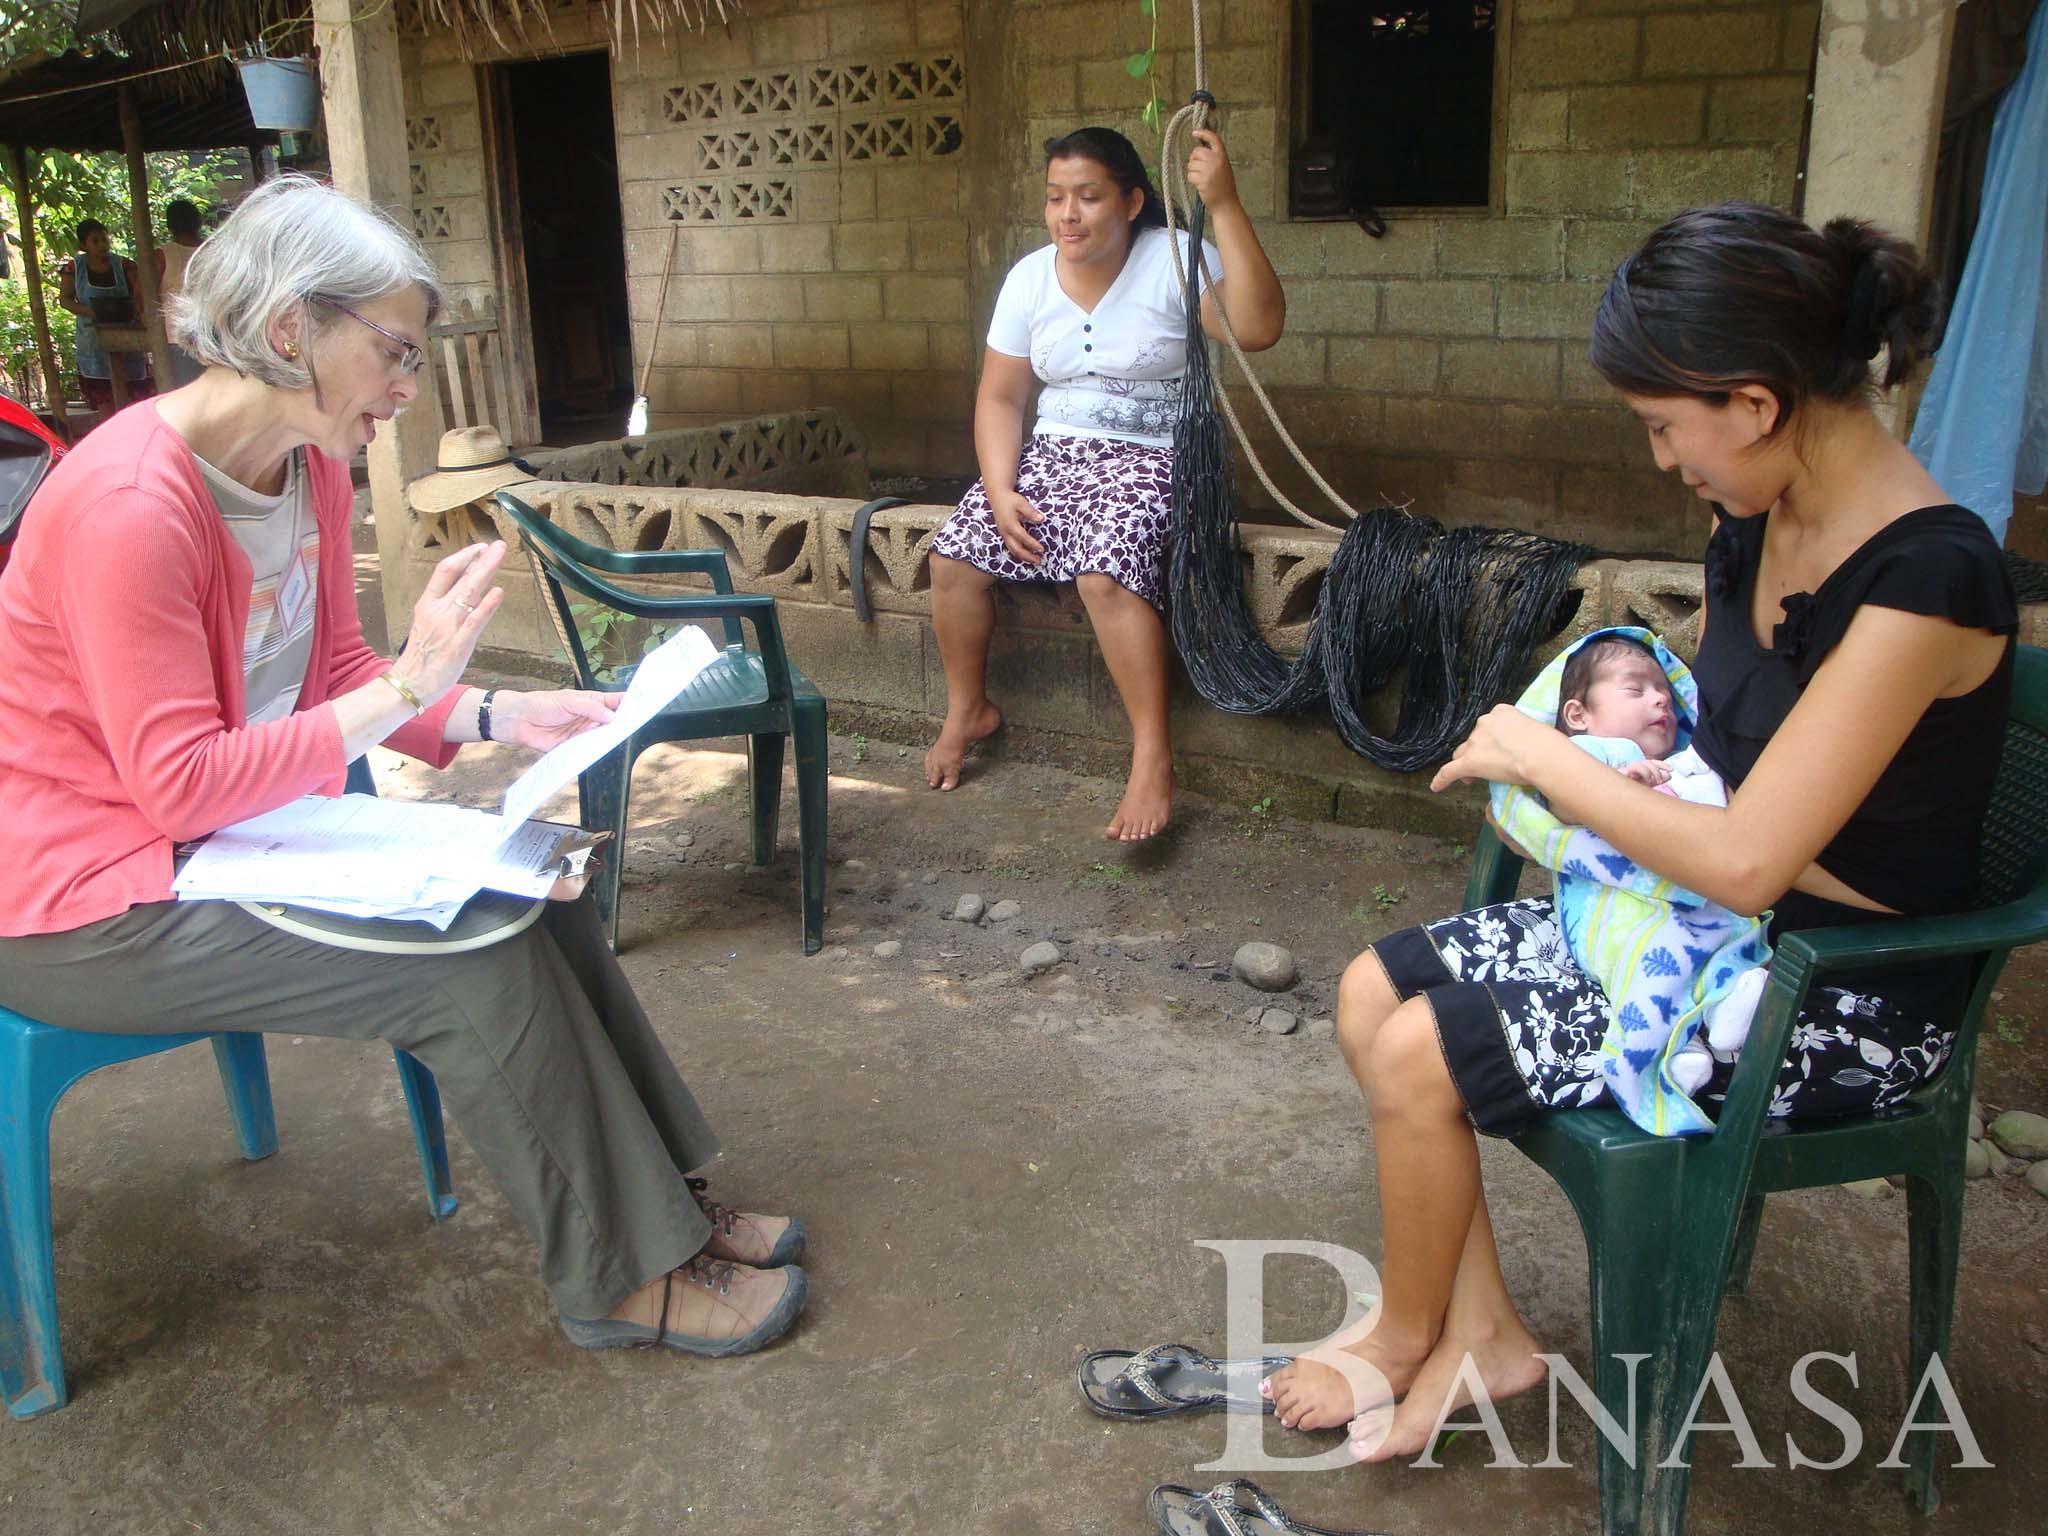 DOCTORAS DE UNIVERSIDAD DE COLORADO ASESORAN A TÉCNICAS DE BANASA